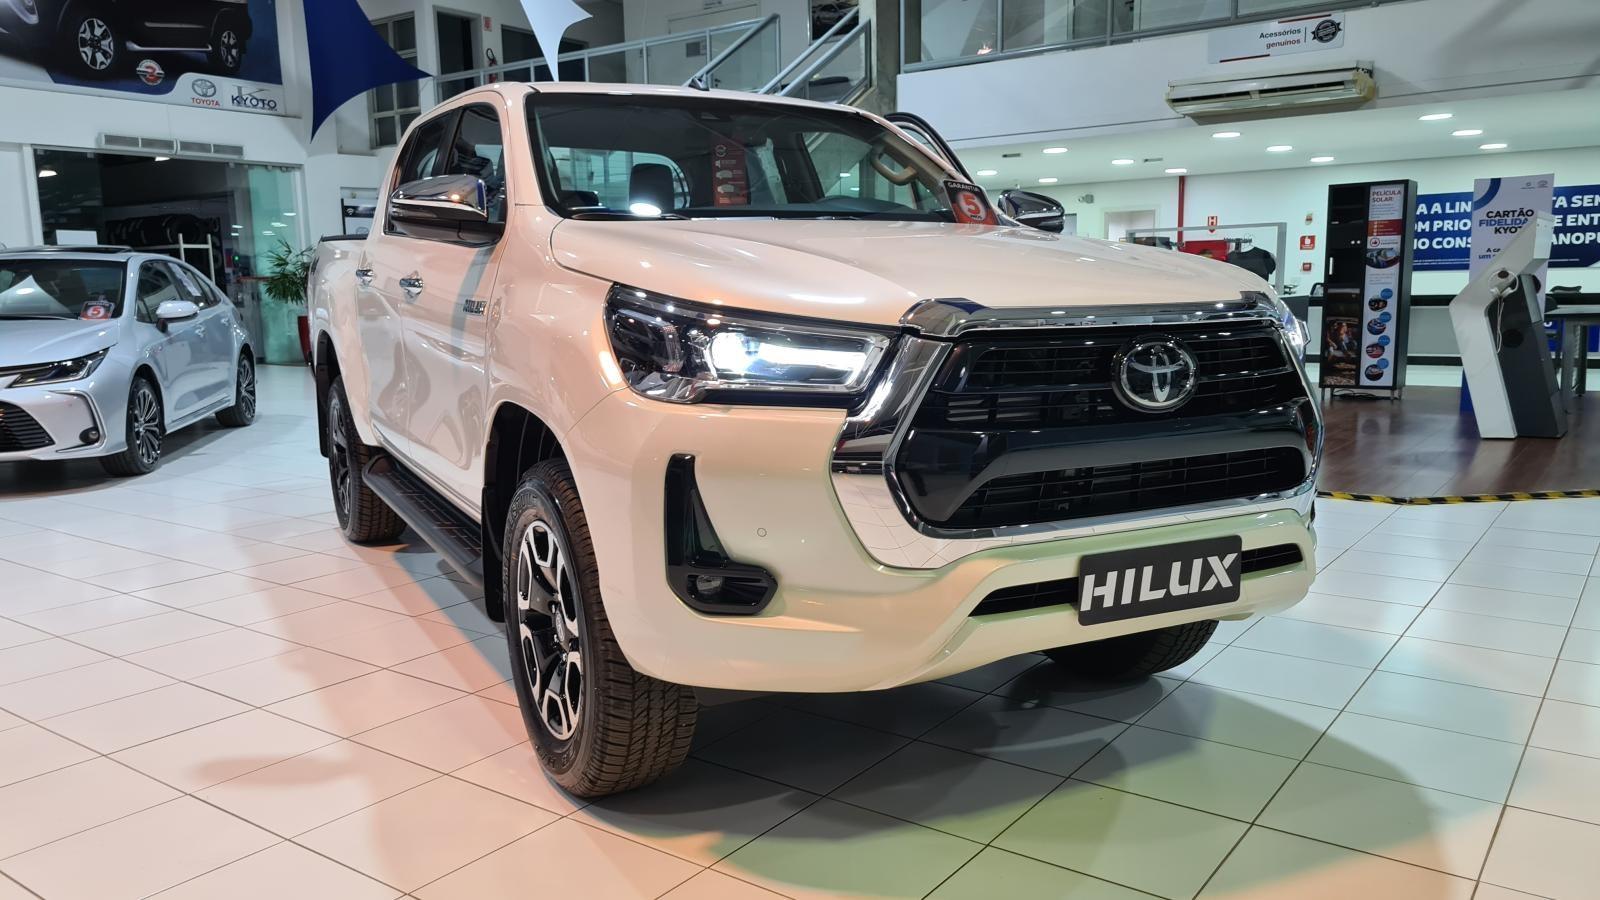 //www.autoline.com.br/carro/toyota/hilux-28-cd-srx-16v-diesel-4p-4x4-turbo-automatico/2021/brasilia-df/15782338